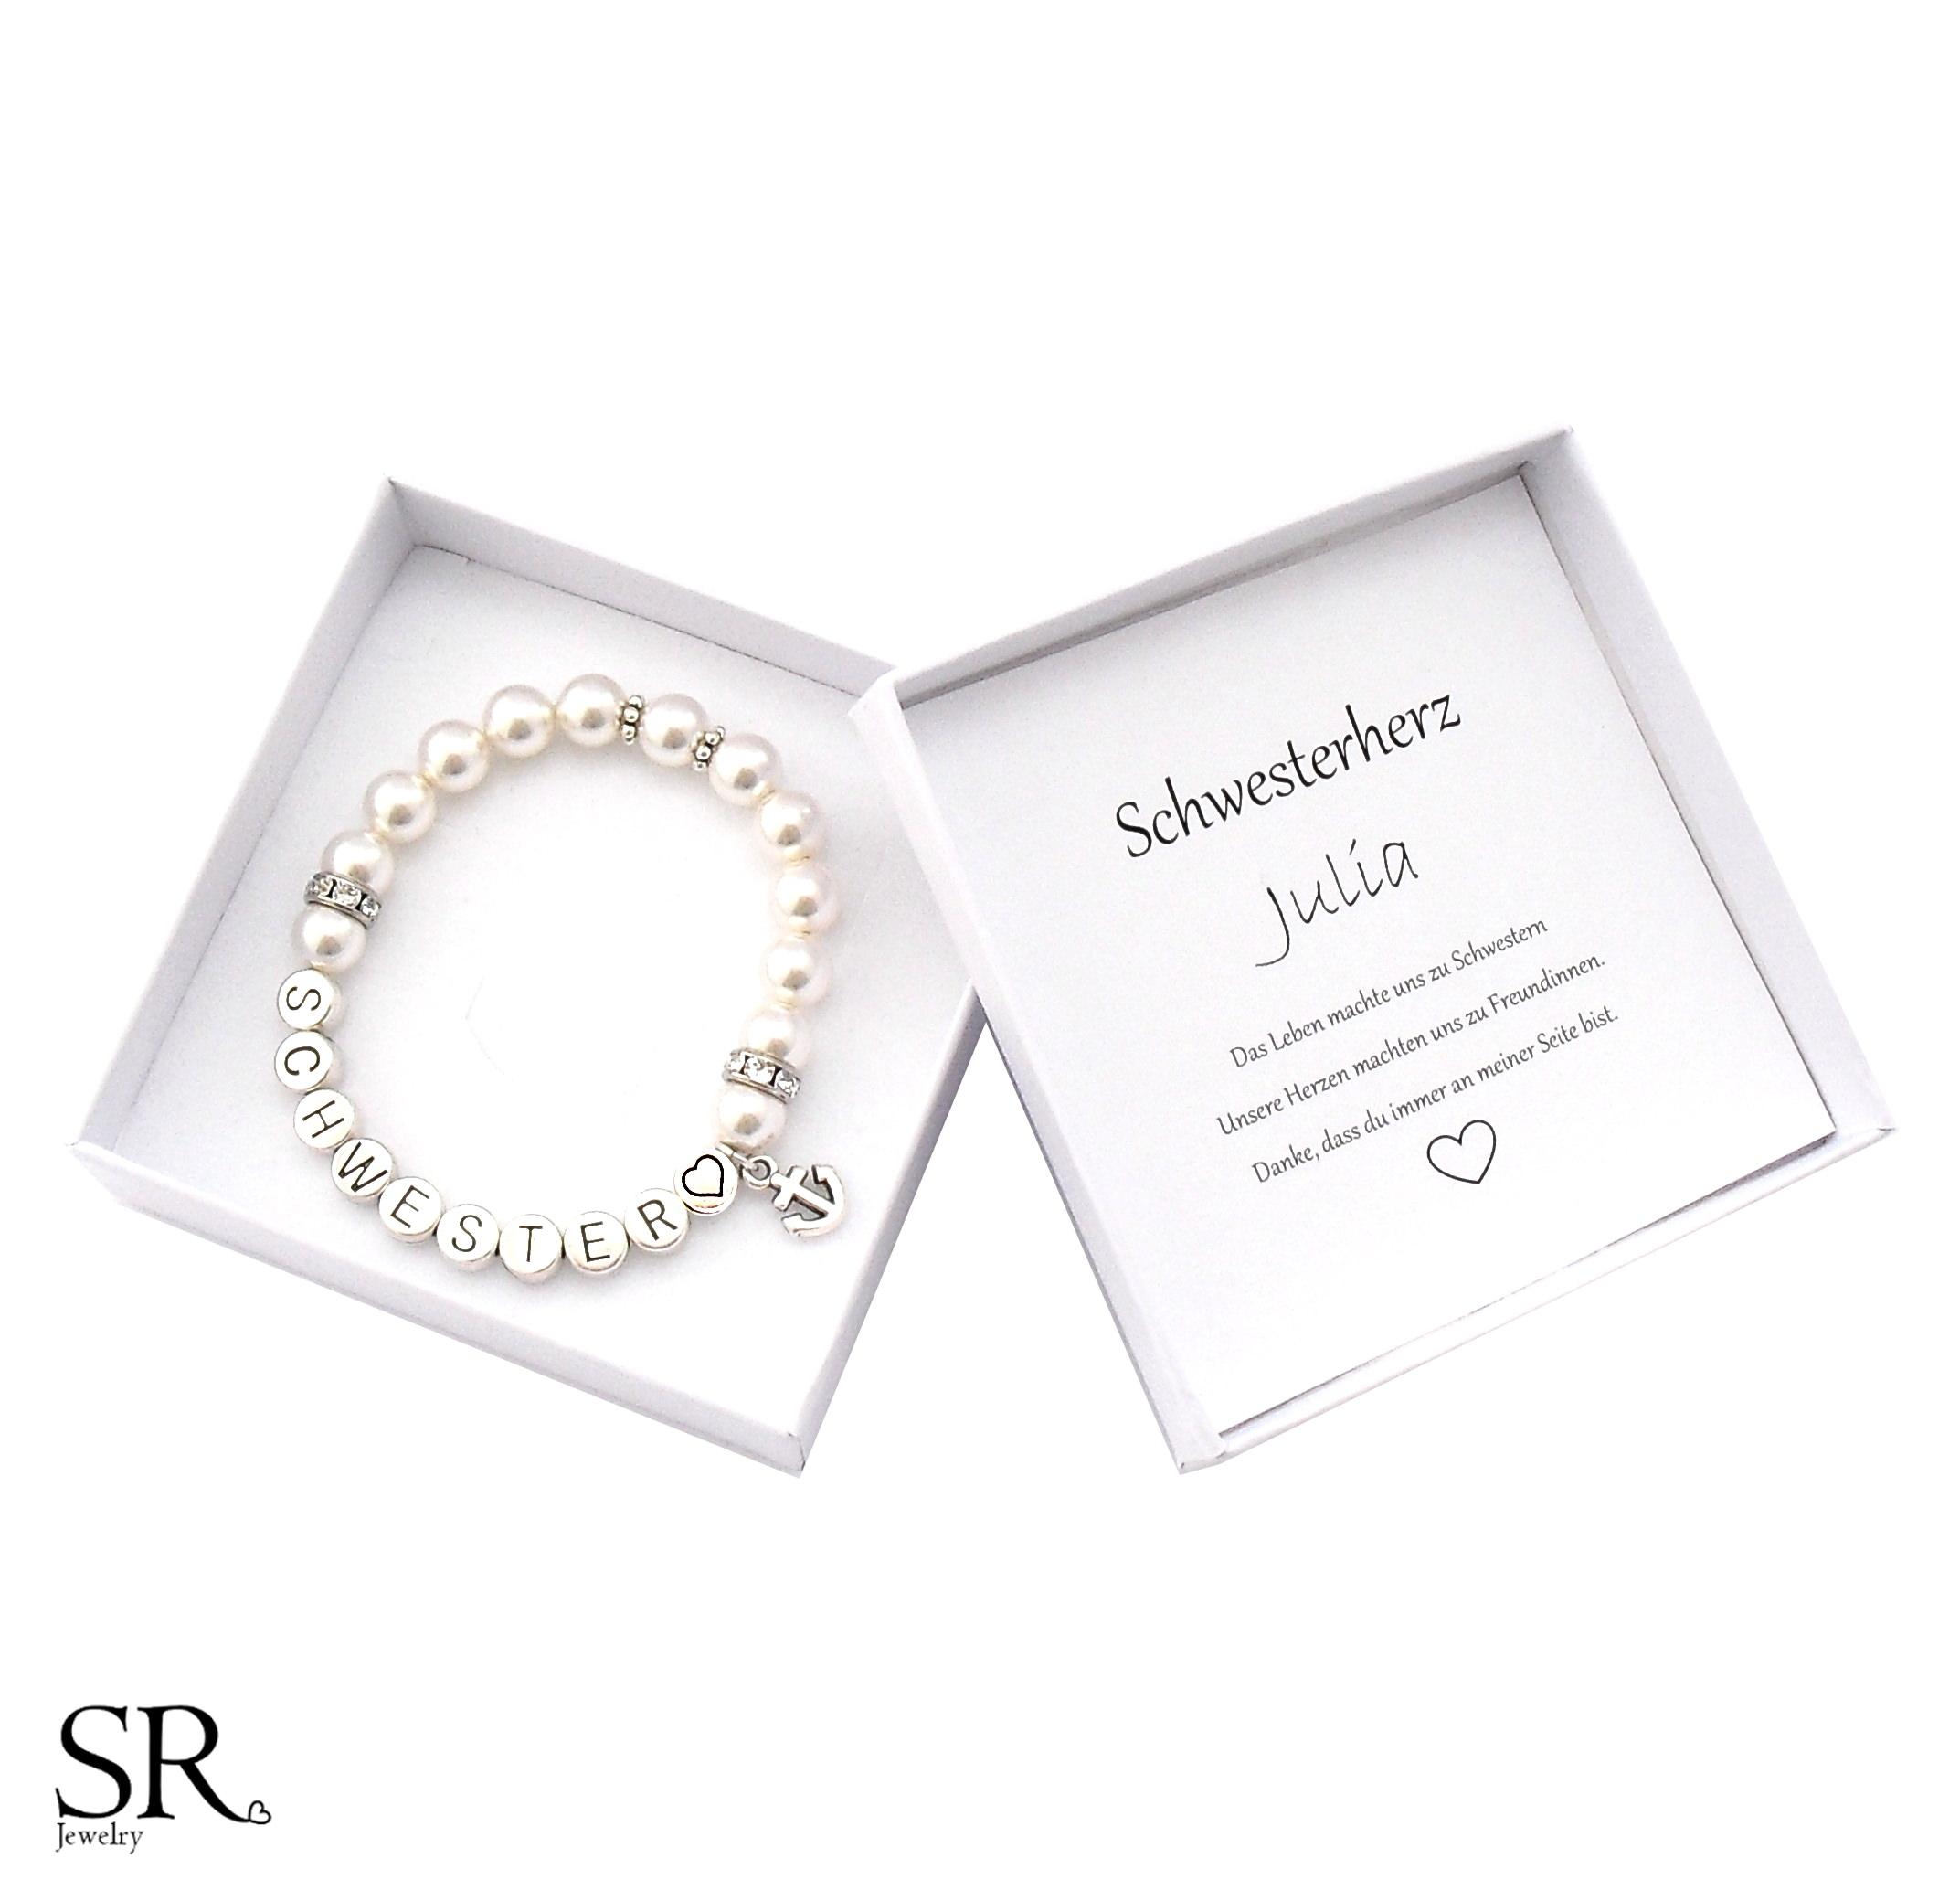 Schwester Armband Perlen online kaufen   SR Jewelry